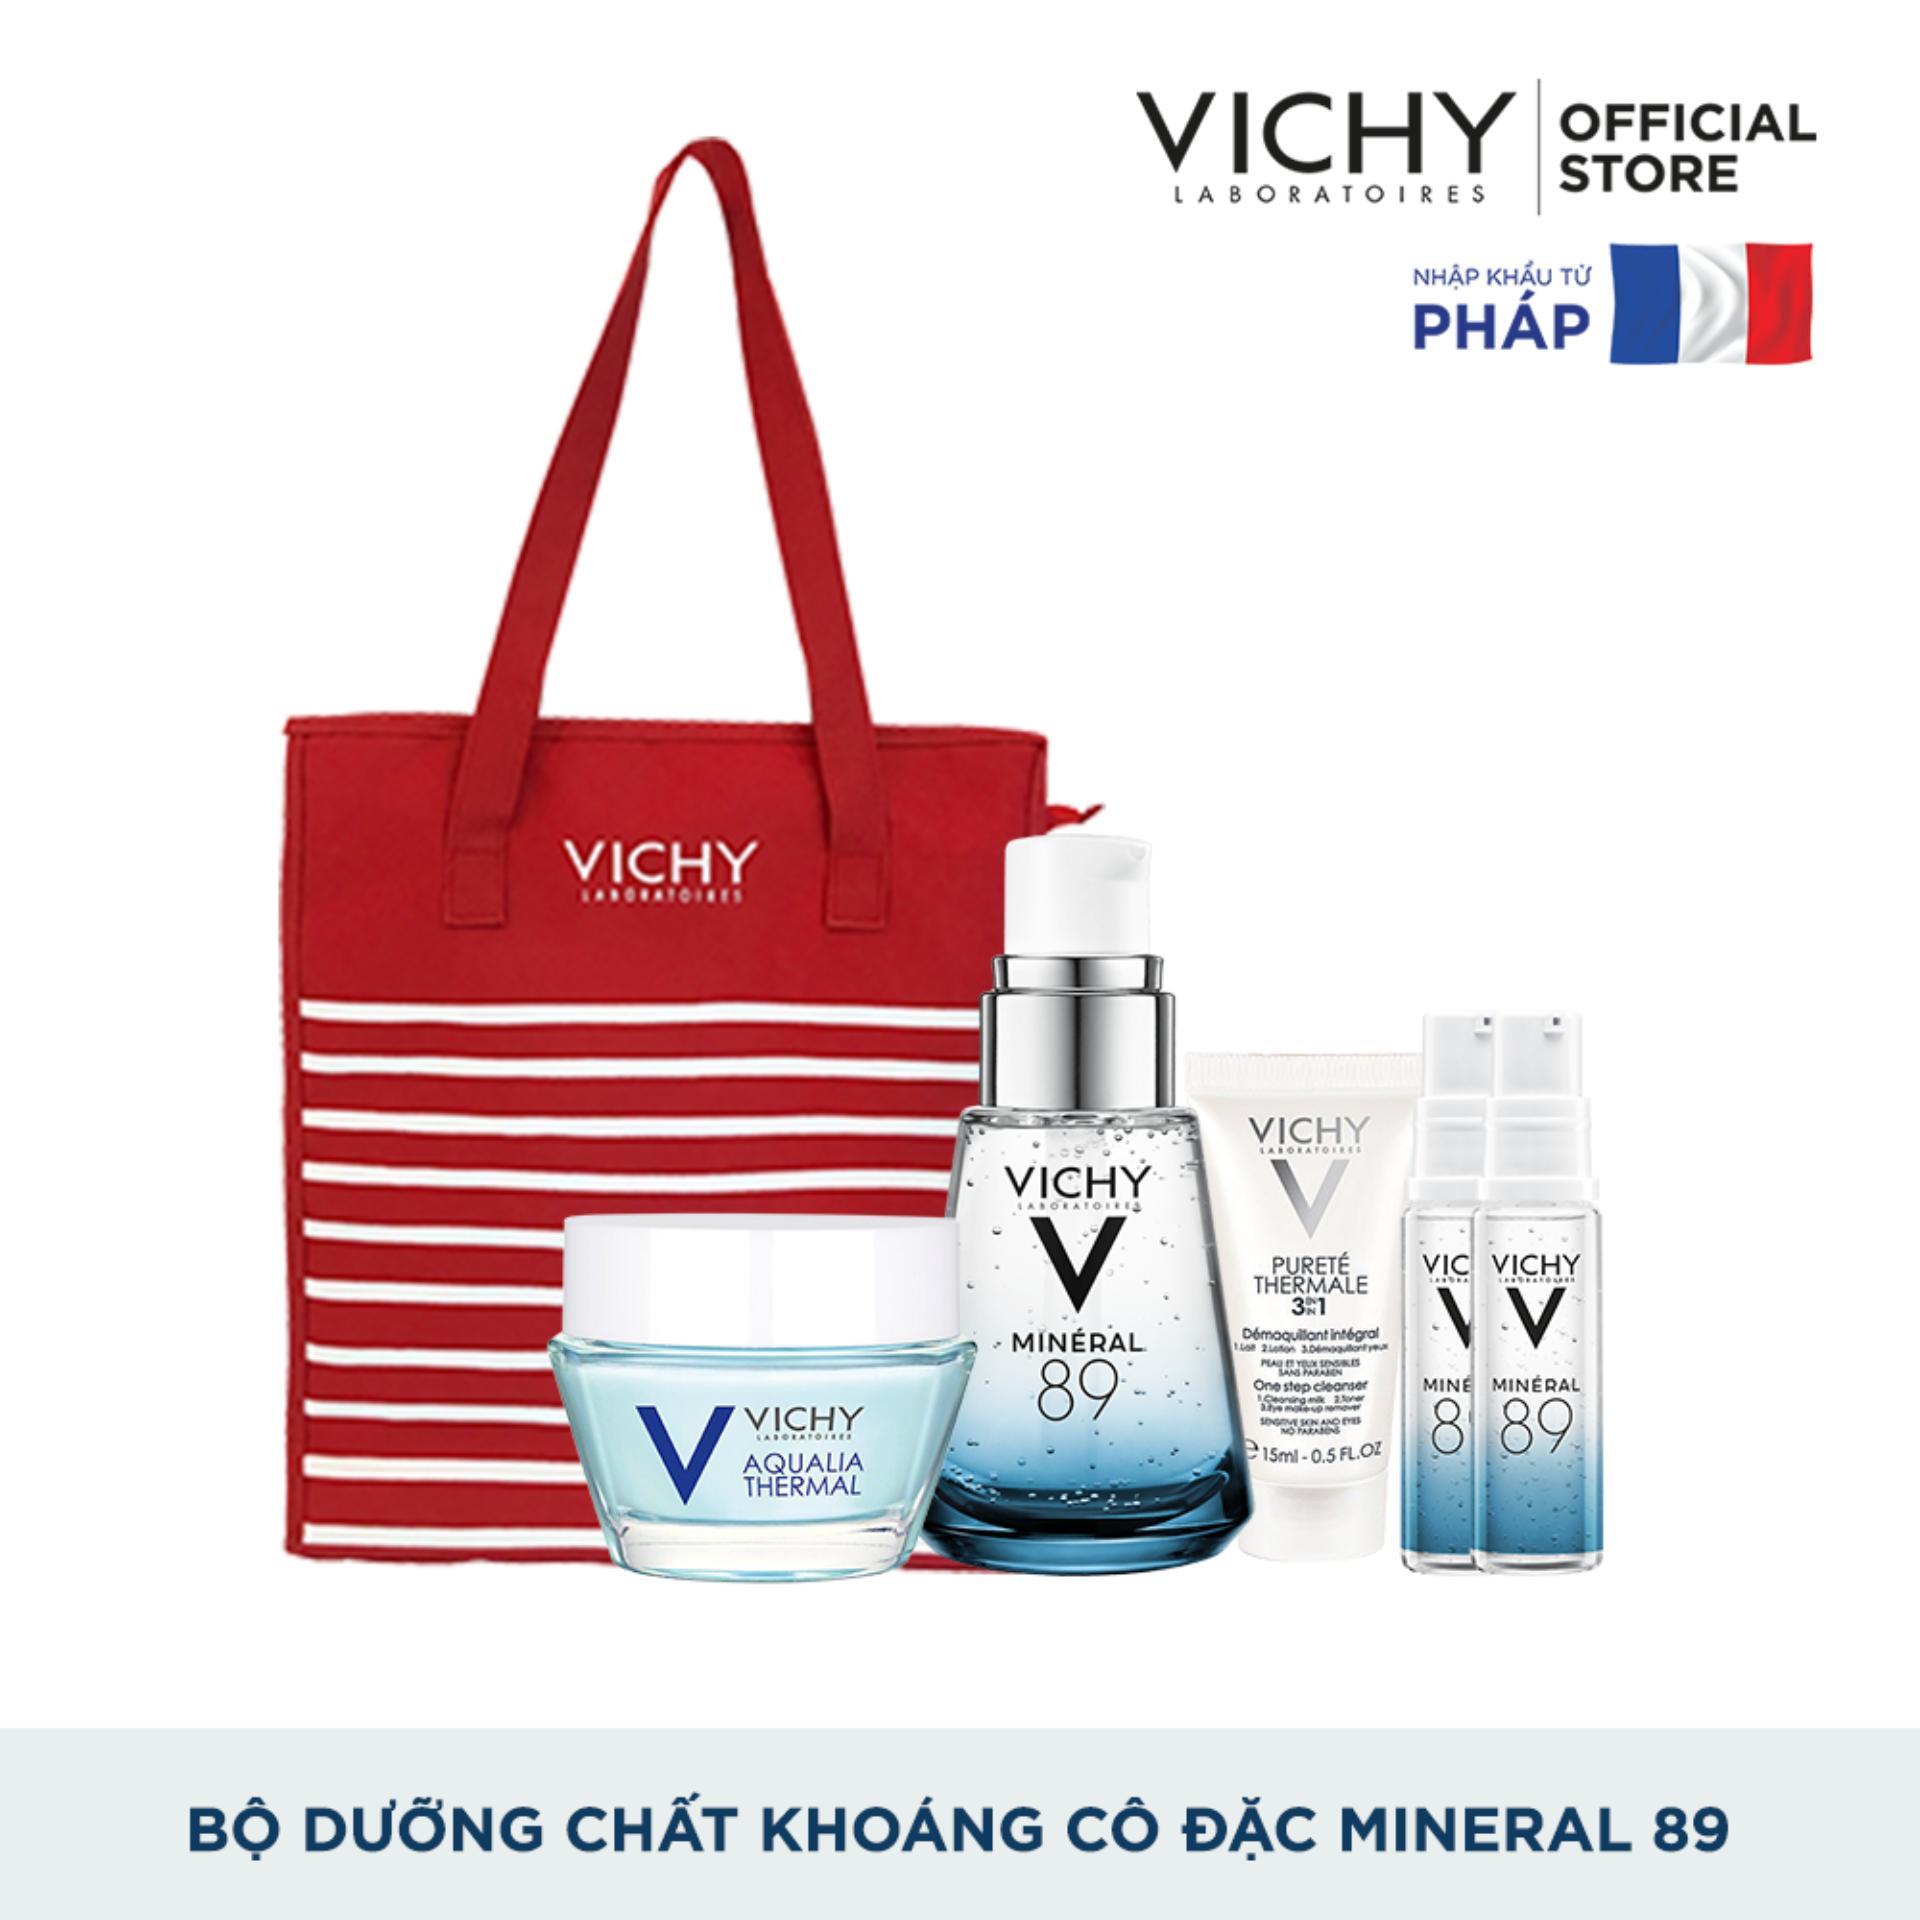 Bộ sản phẩm Dưỡng Chất (Serum) Giàu Khoáng Chất Vichy Mineral 89 30ml Giúp Da Sáng Mịn Và Căng Mượt tốt nhất